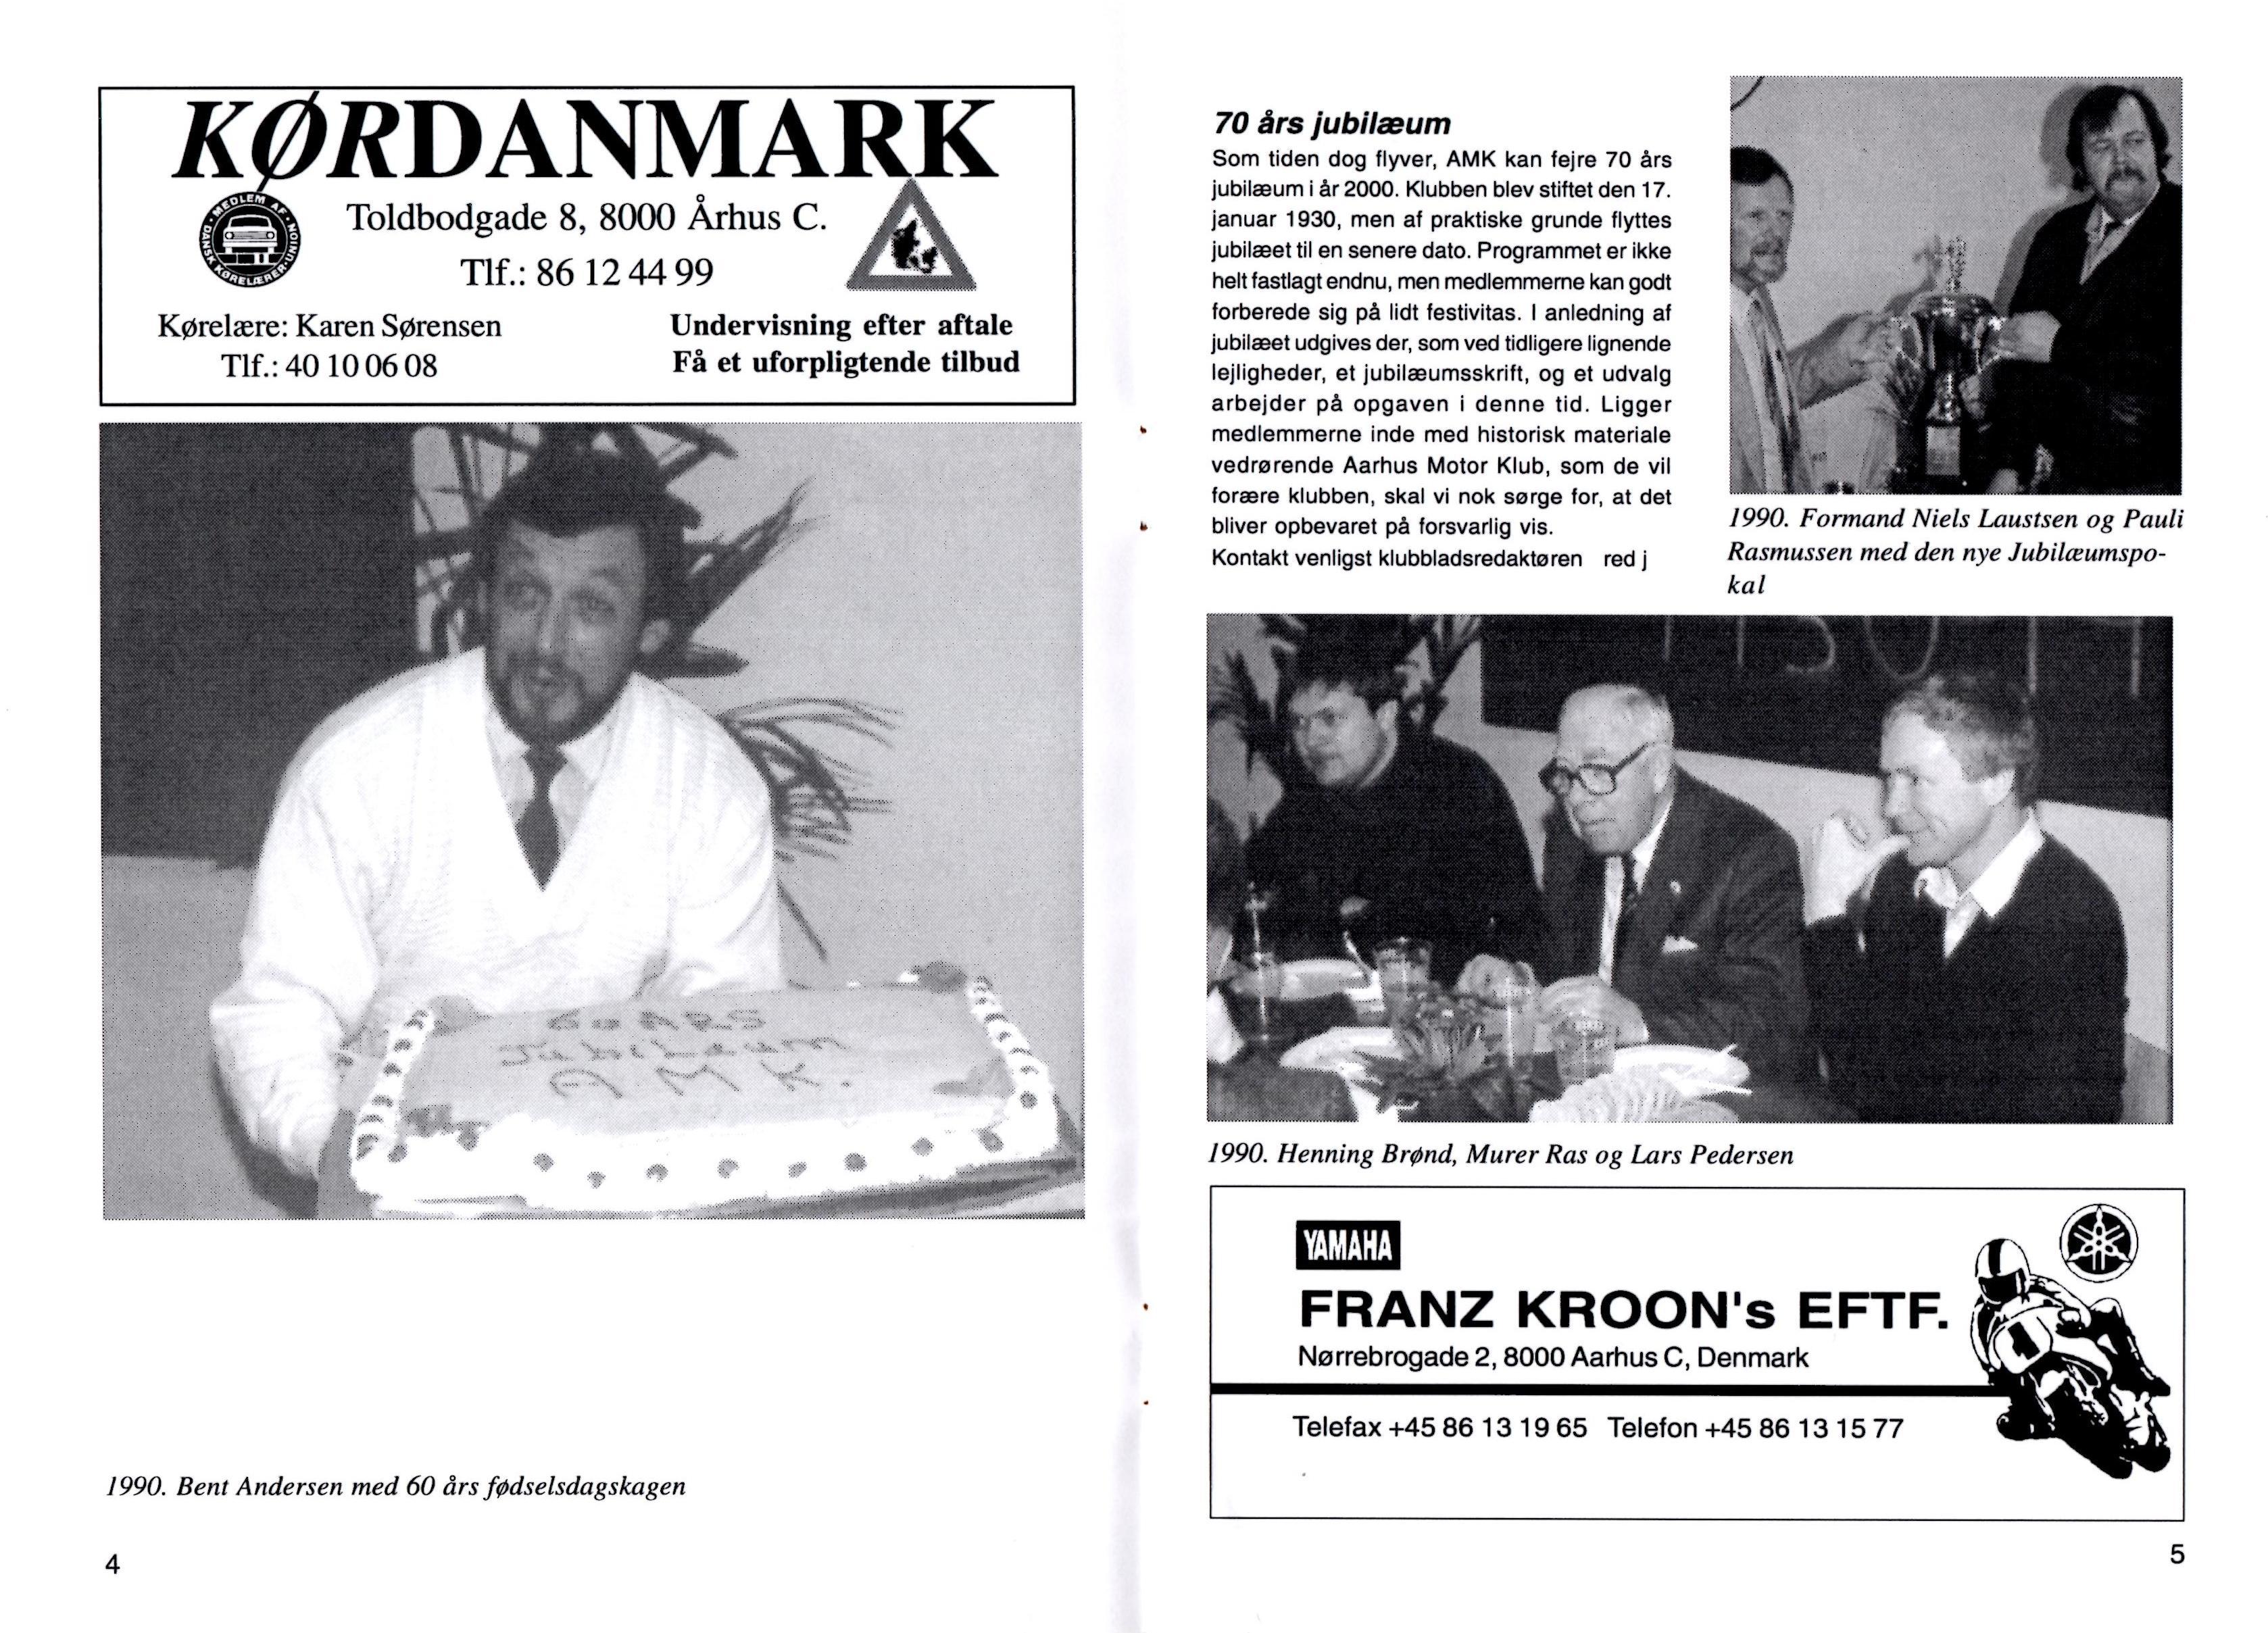 Introduktion i klubblad dec. 1999 til 70 års Jubilæum med billeder fra 60 års Jubilæum